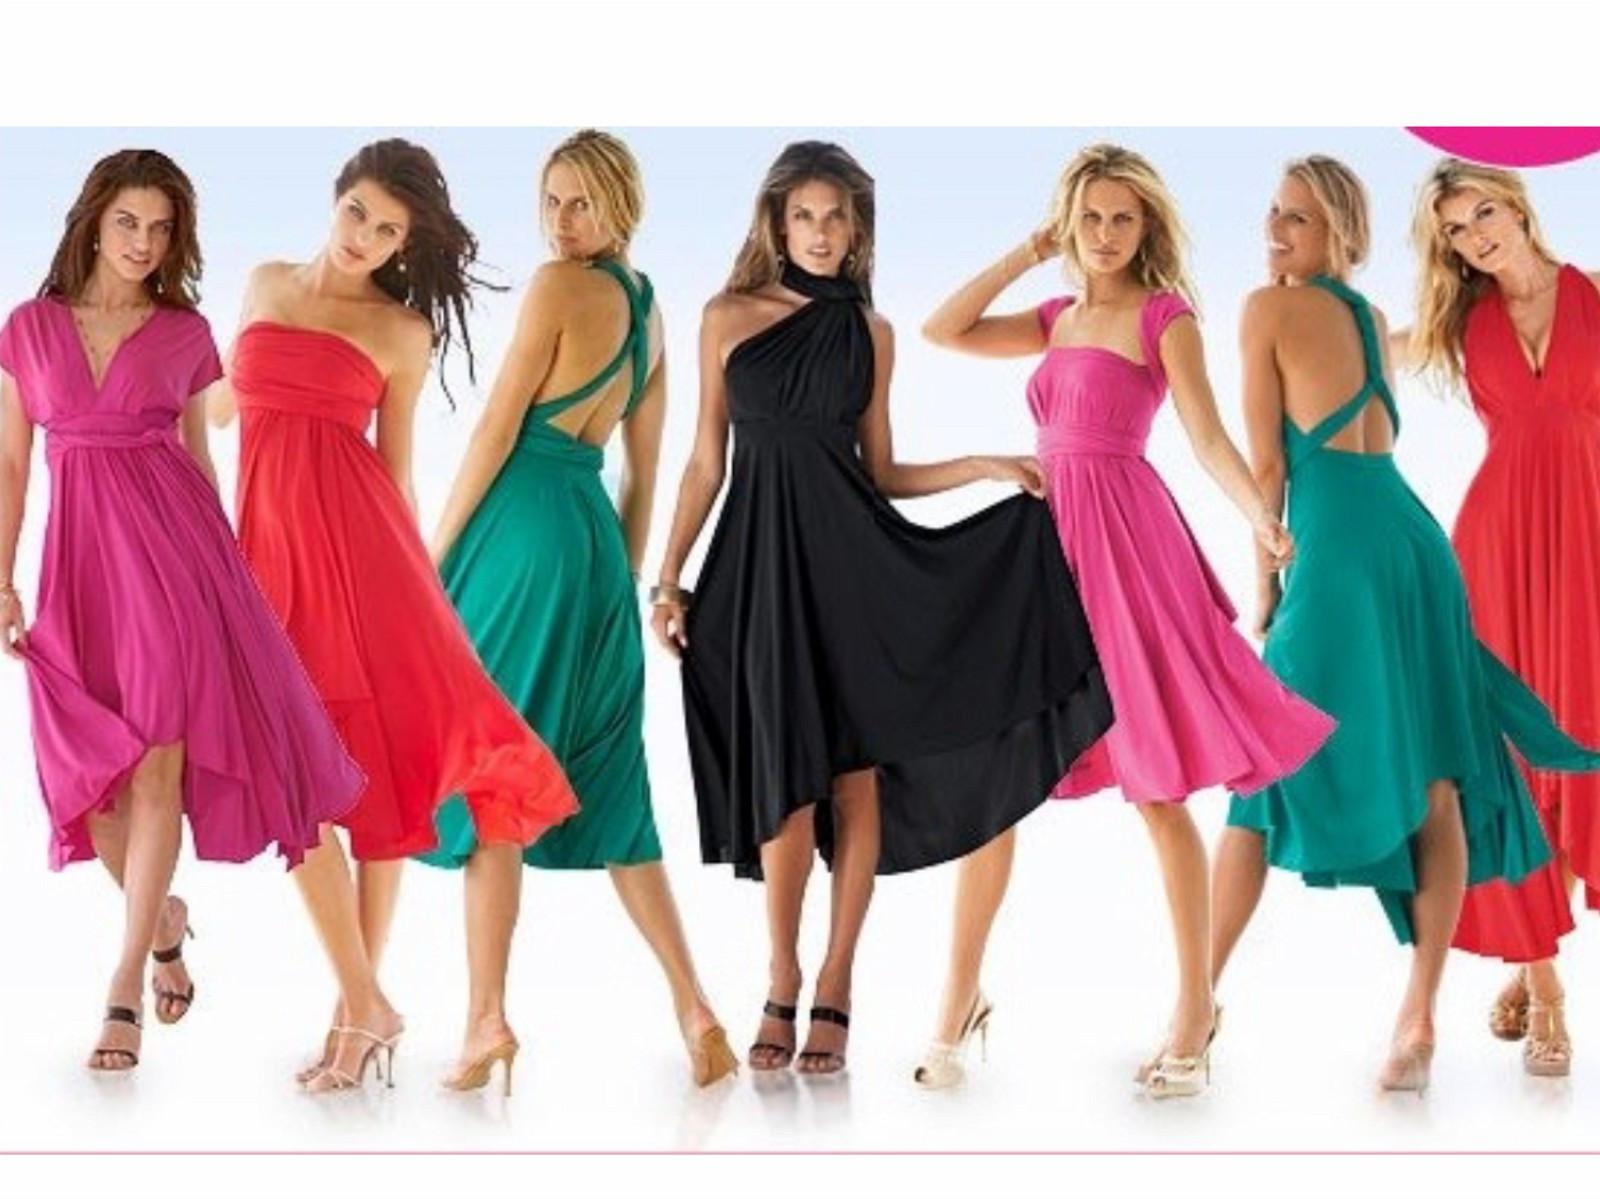 Victoria Secret 7 way dress - Drammen  - Moda international fra Victoria Secret! Aldri brukt ! Dette er en kjole som kan knytes på mange forskjellige måter. Søk gjerne på YouTube, så får du se video. Str.M med stretch i stoffet.  Sendes kun ved  - Drammen